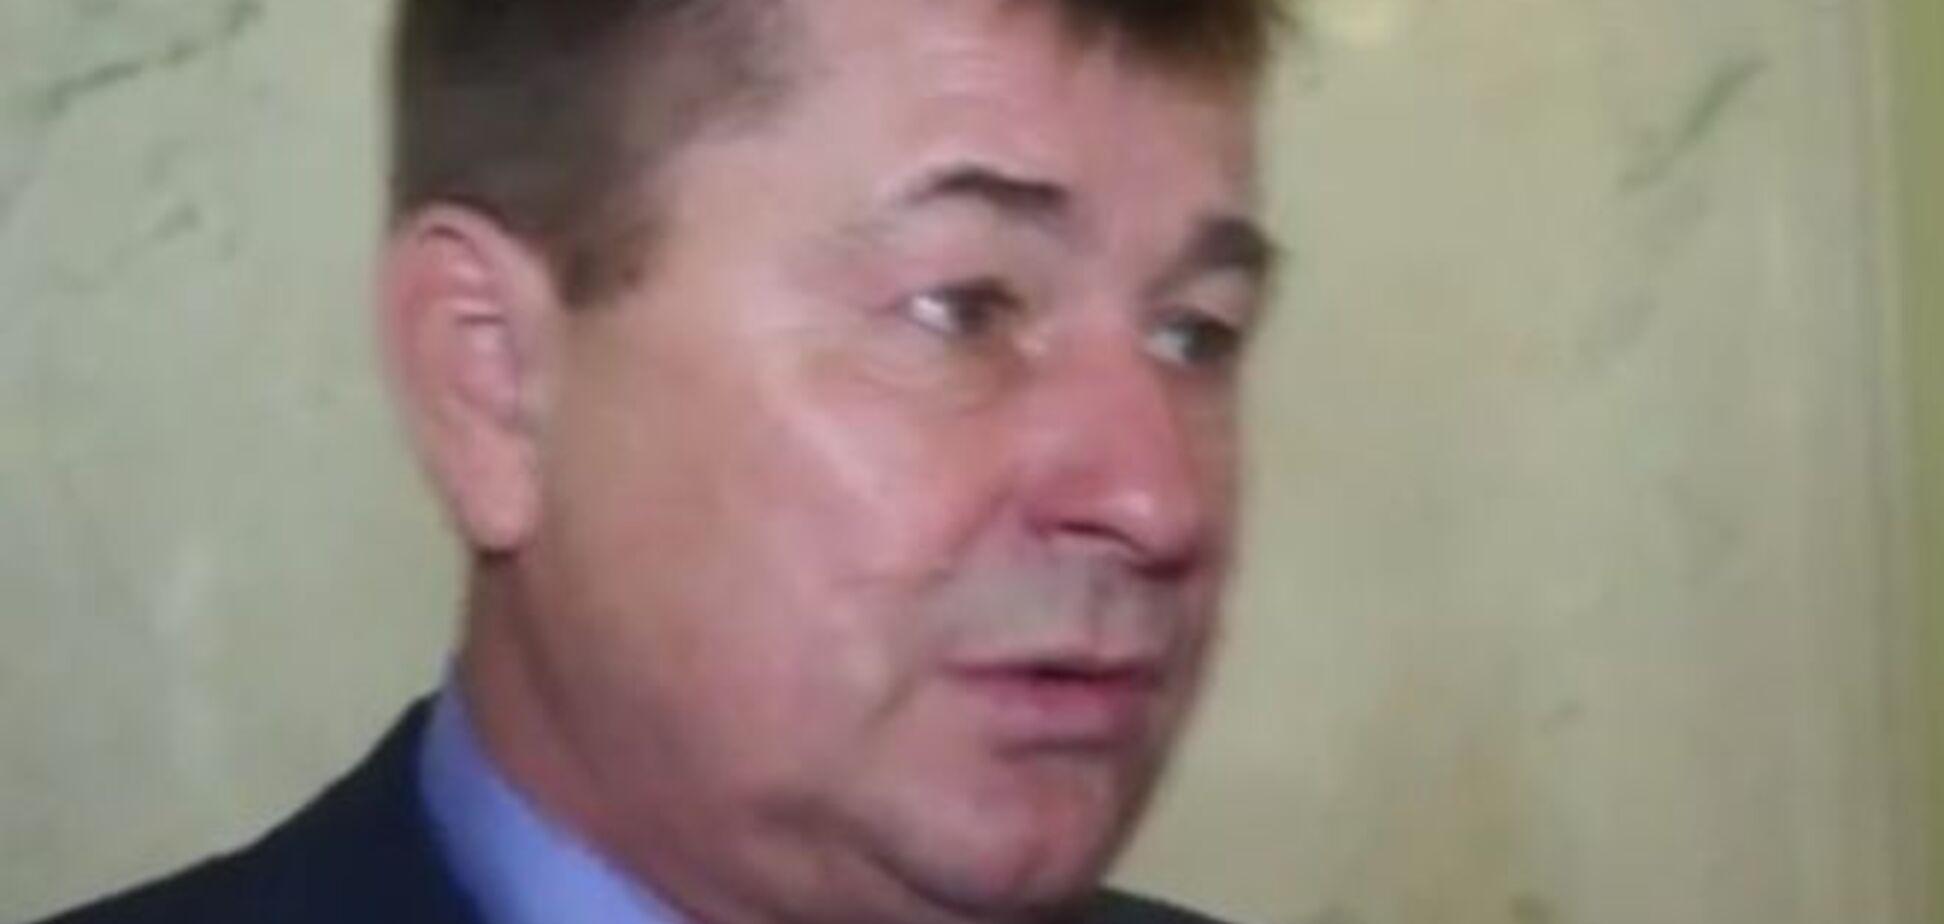 Володіючи палацом під Києвом, депутат Коцуба не соромиться брати гроші на оренду житла з бюджету